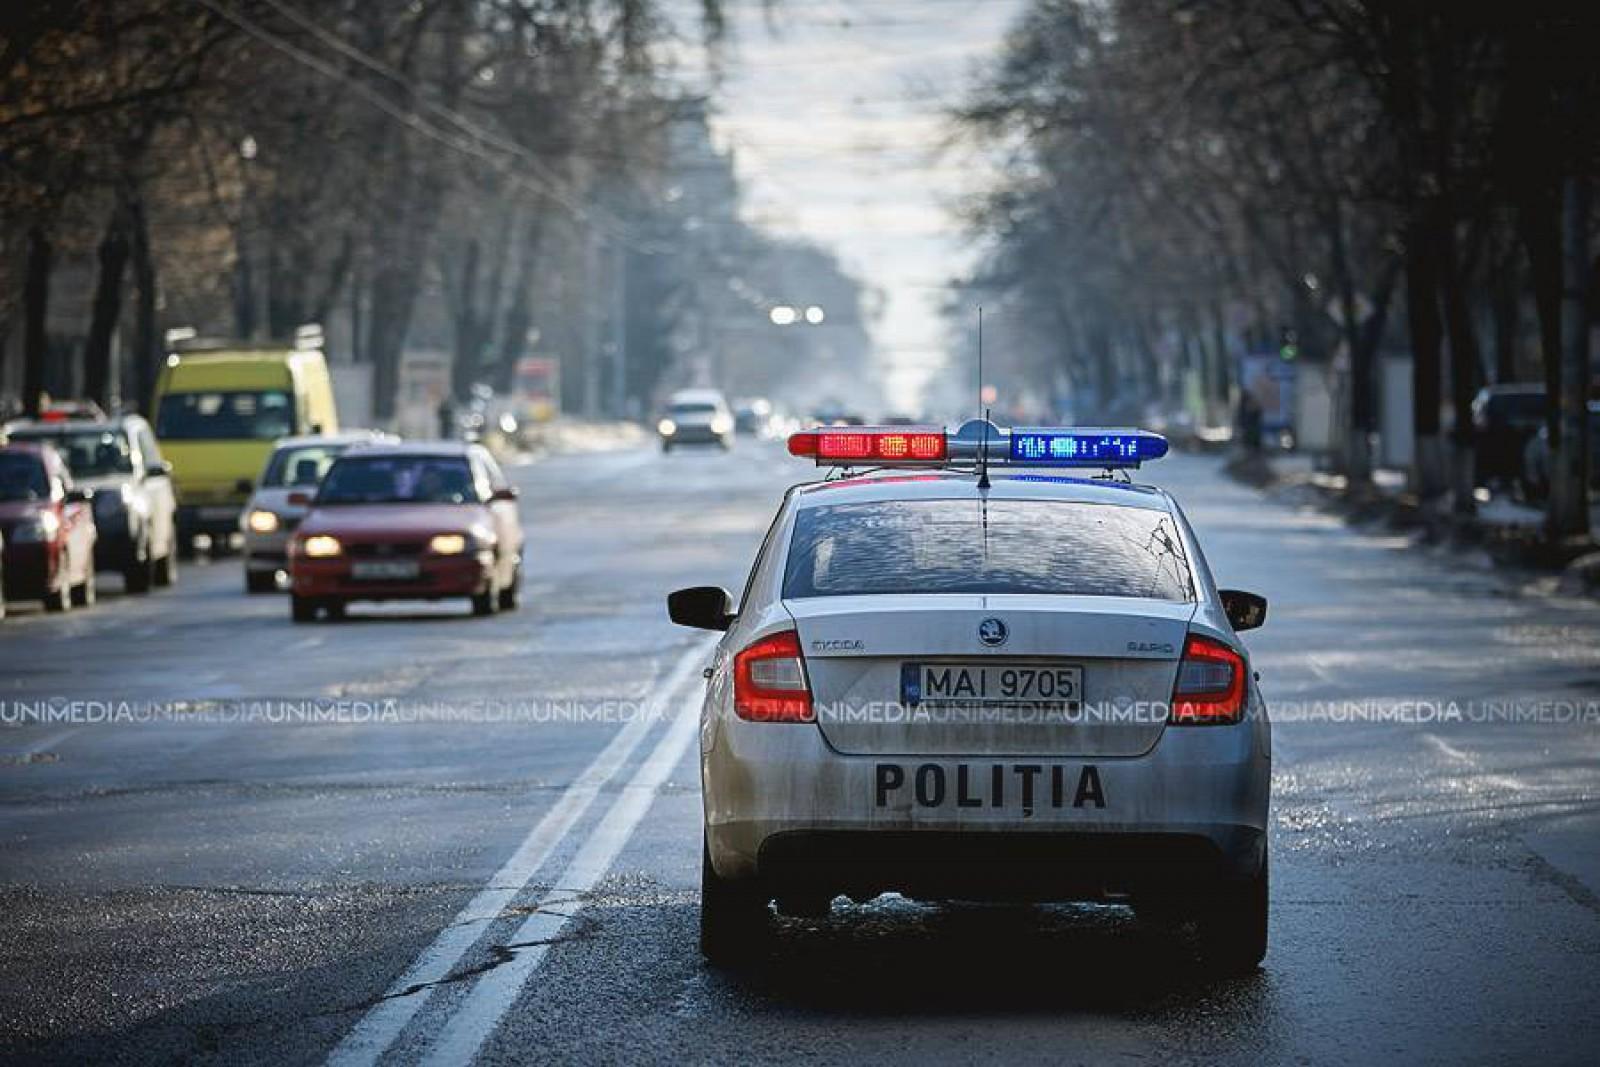 Vitezomanii, în vizorul poliției. Ce trasee sunt monitorizate cu radare